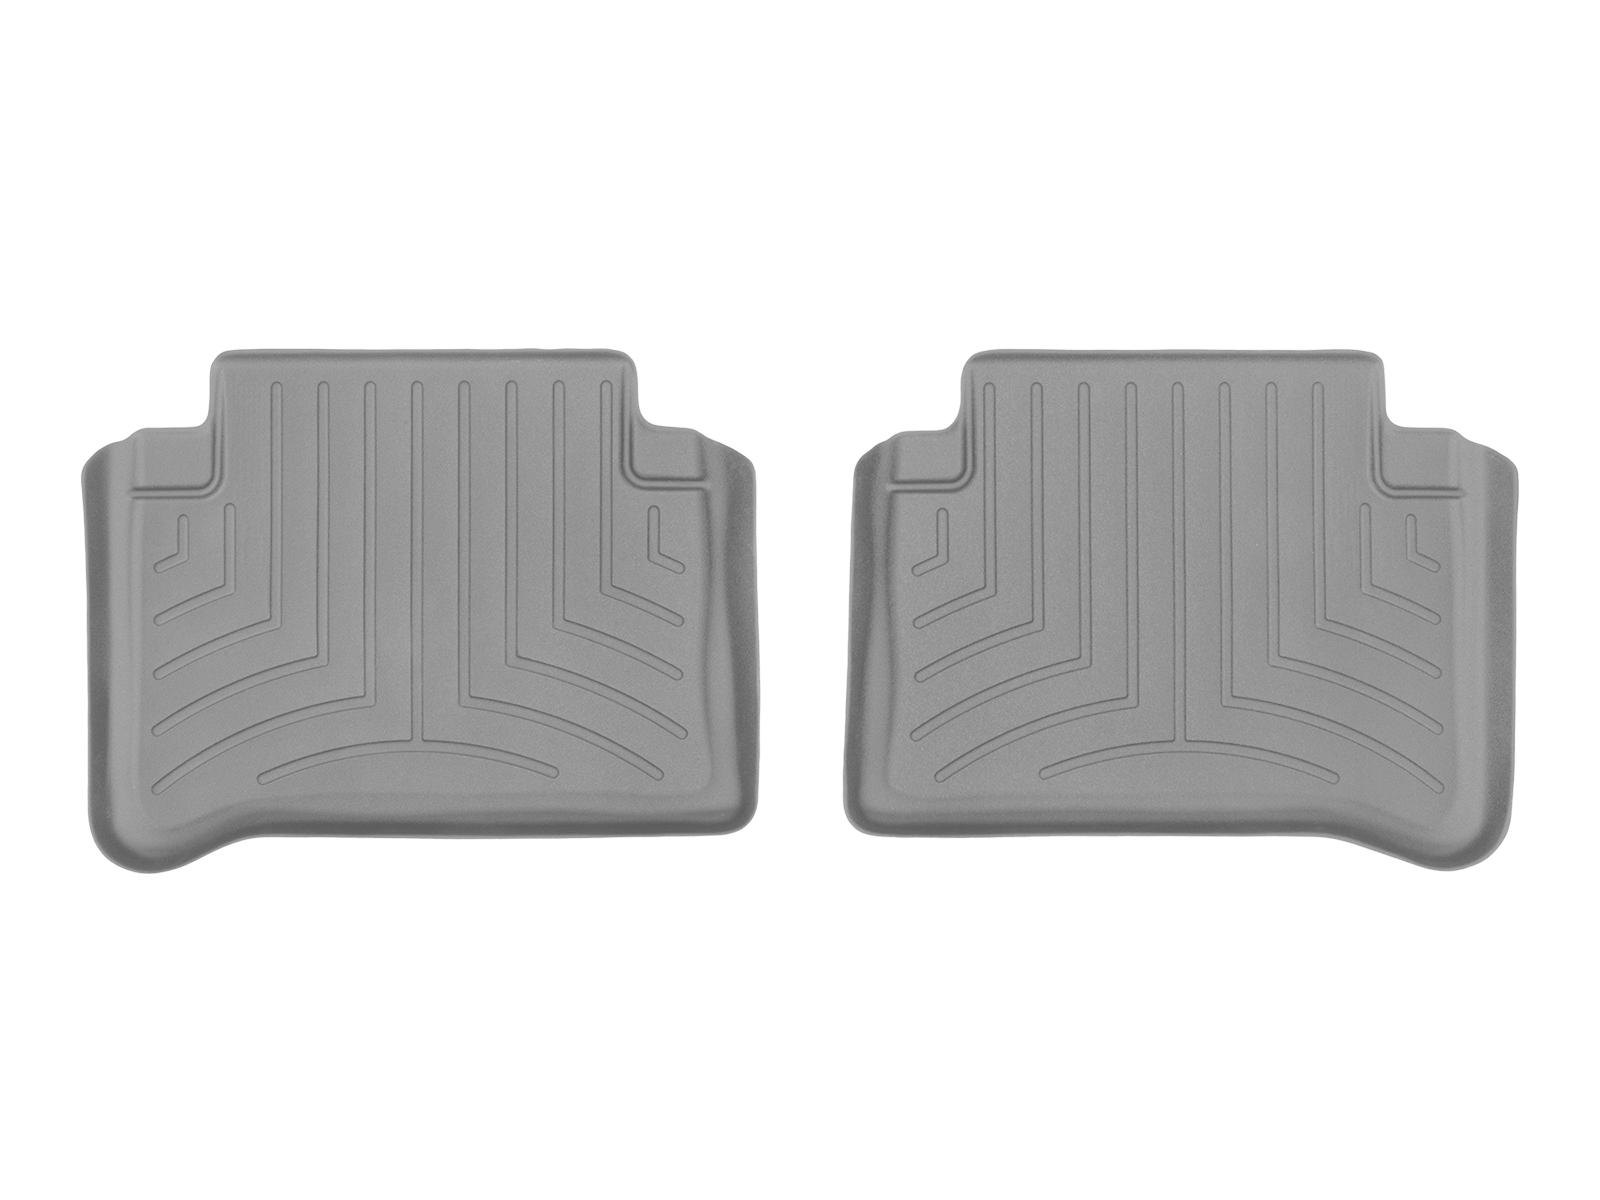 Tappeti gomma su misura bordo alto Mercedes E-Class 03>09 Grigio A2363*